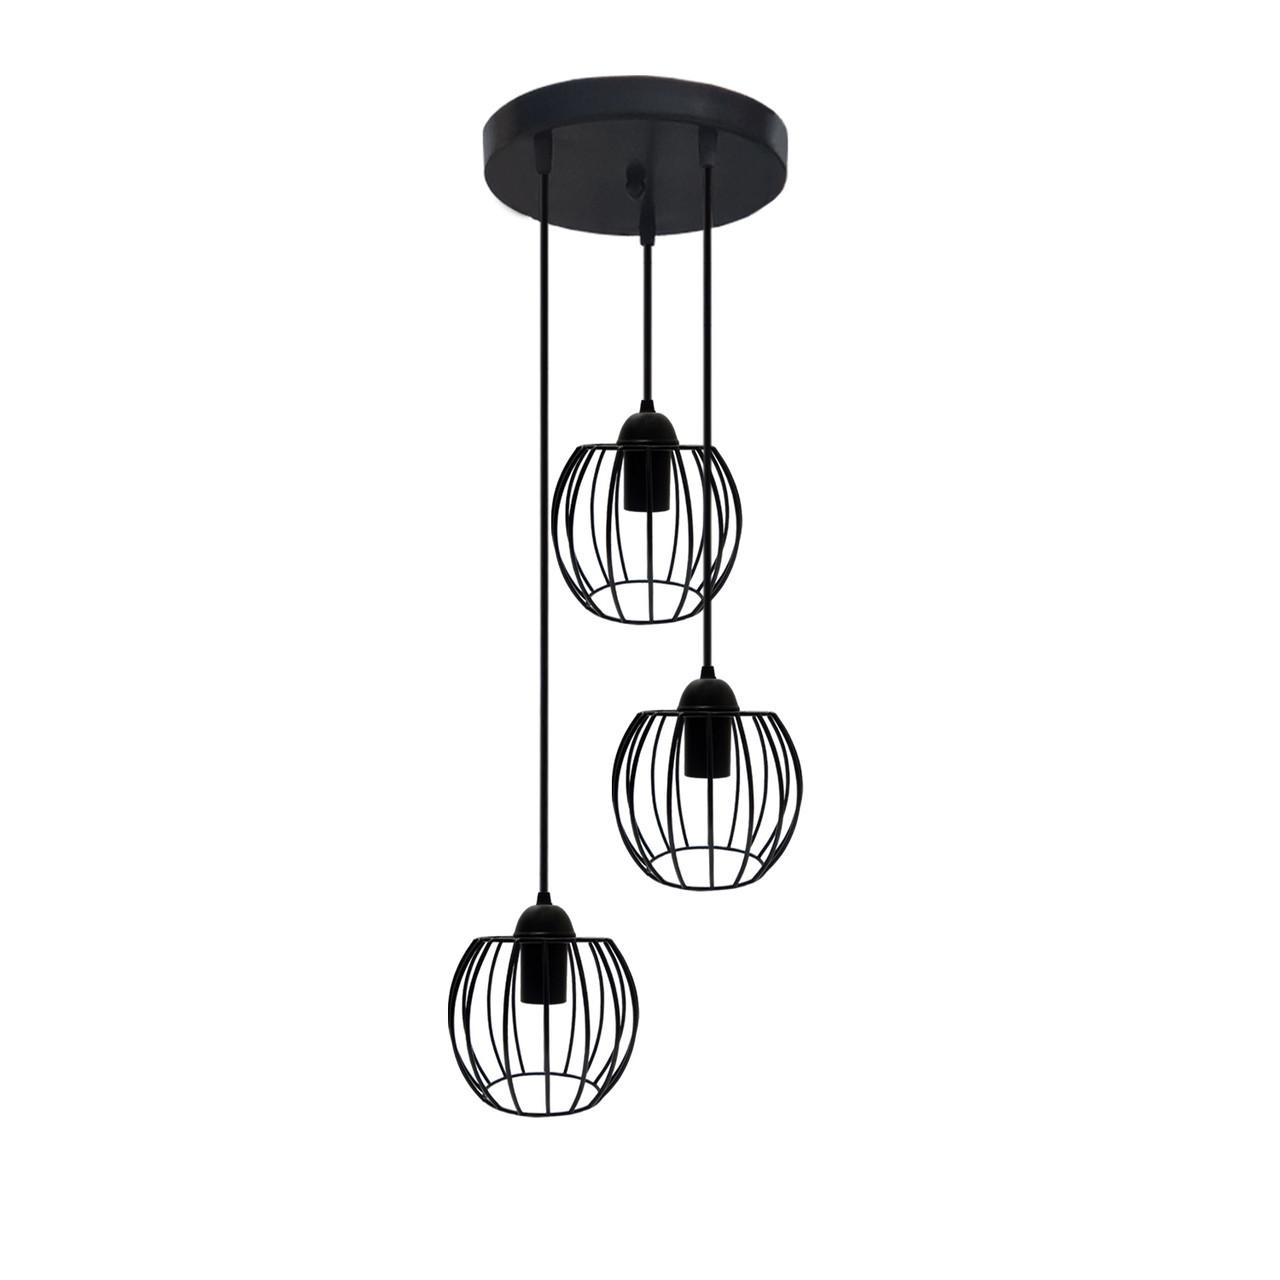 """Подвесной металлический светильник, современный стиль """"BARREL-3GB"""" Е27  черный цвет"""